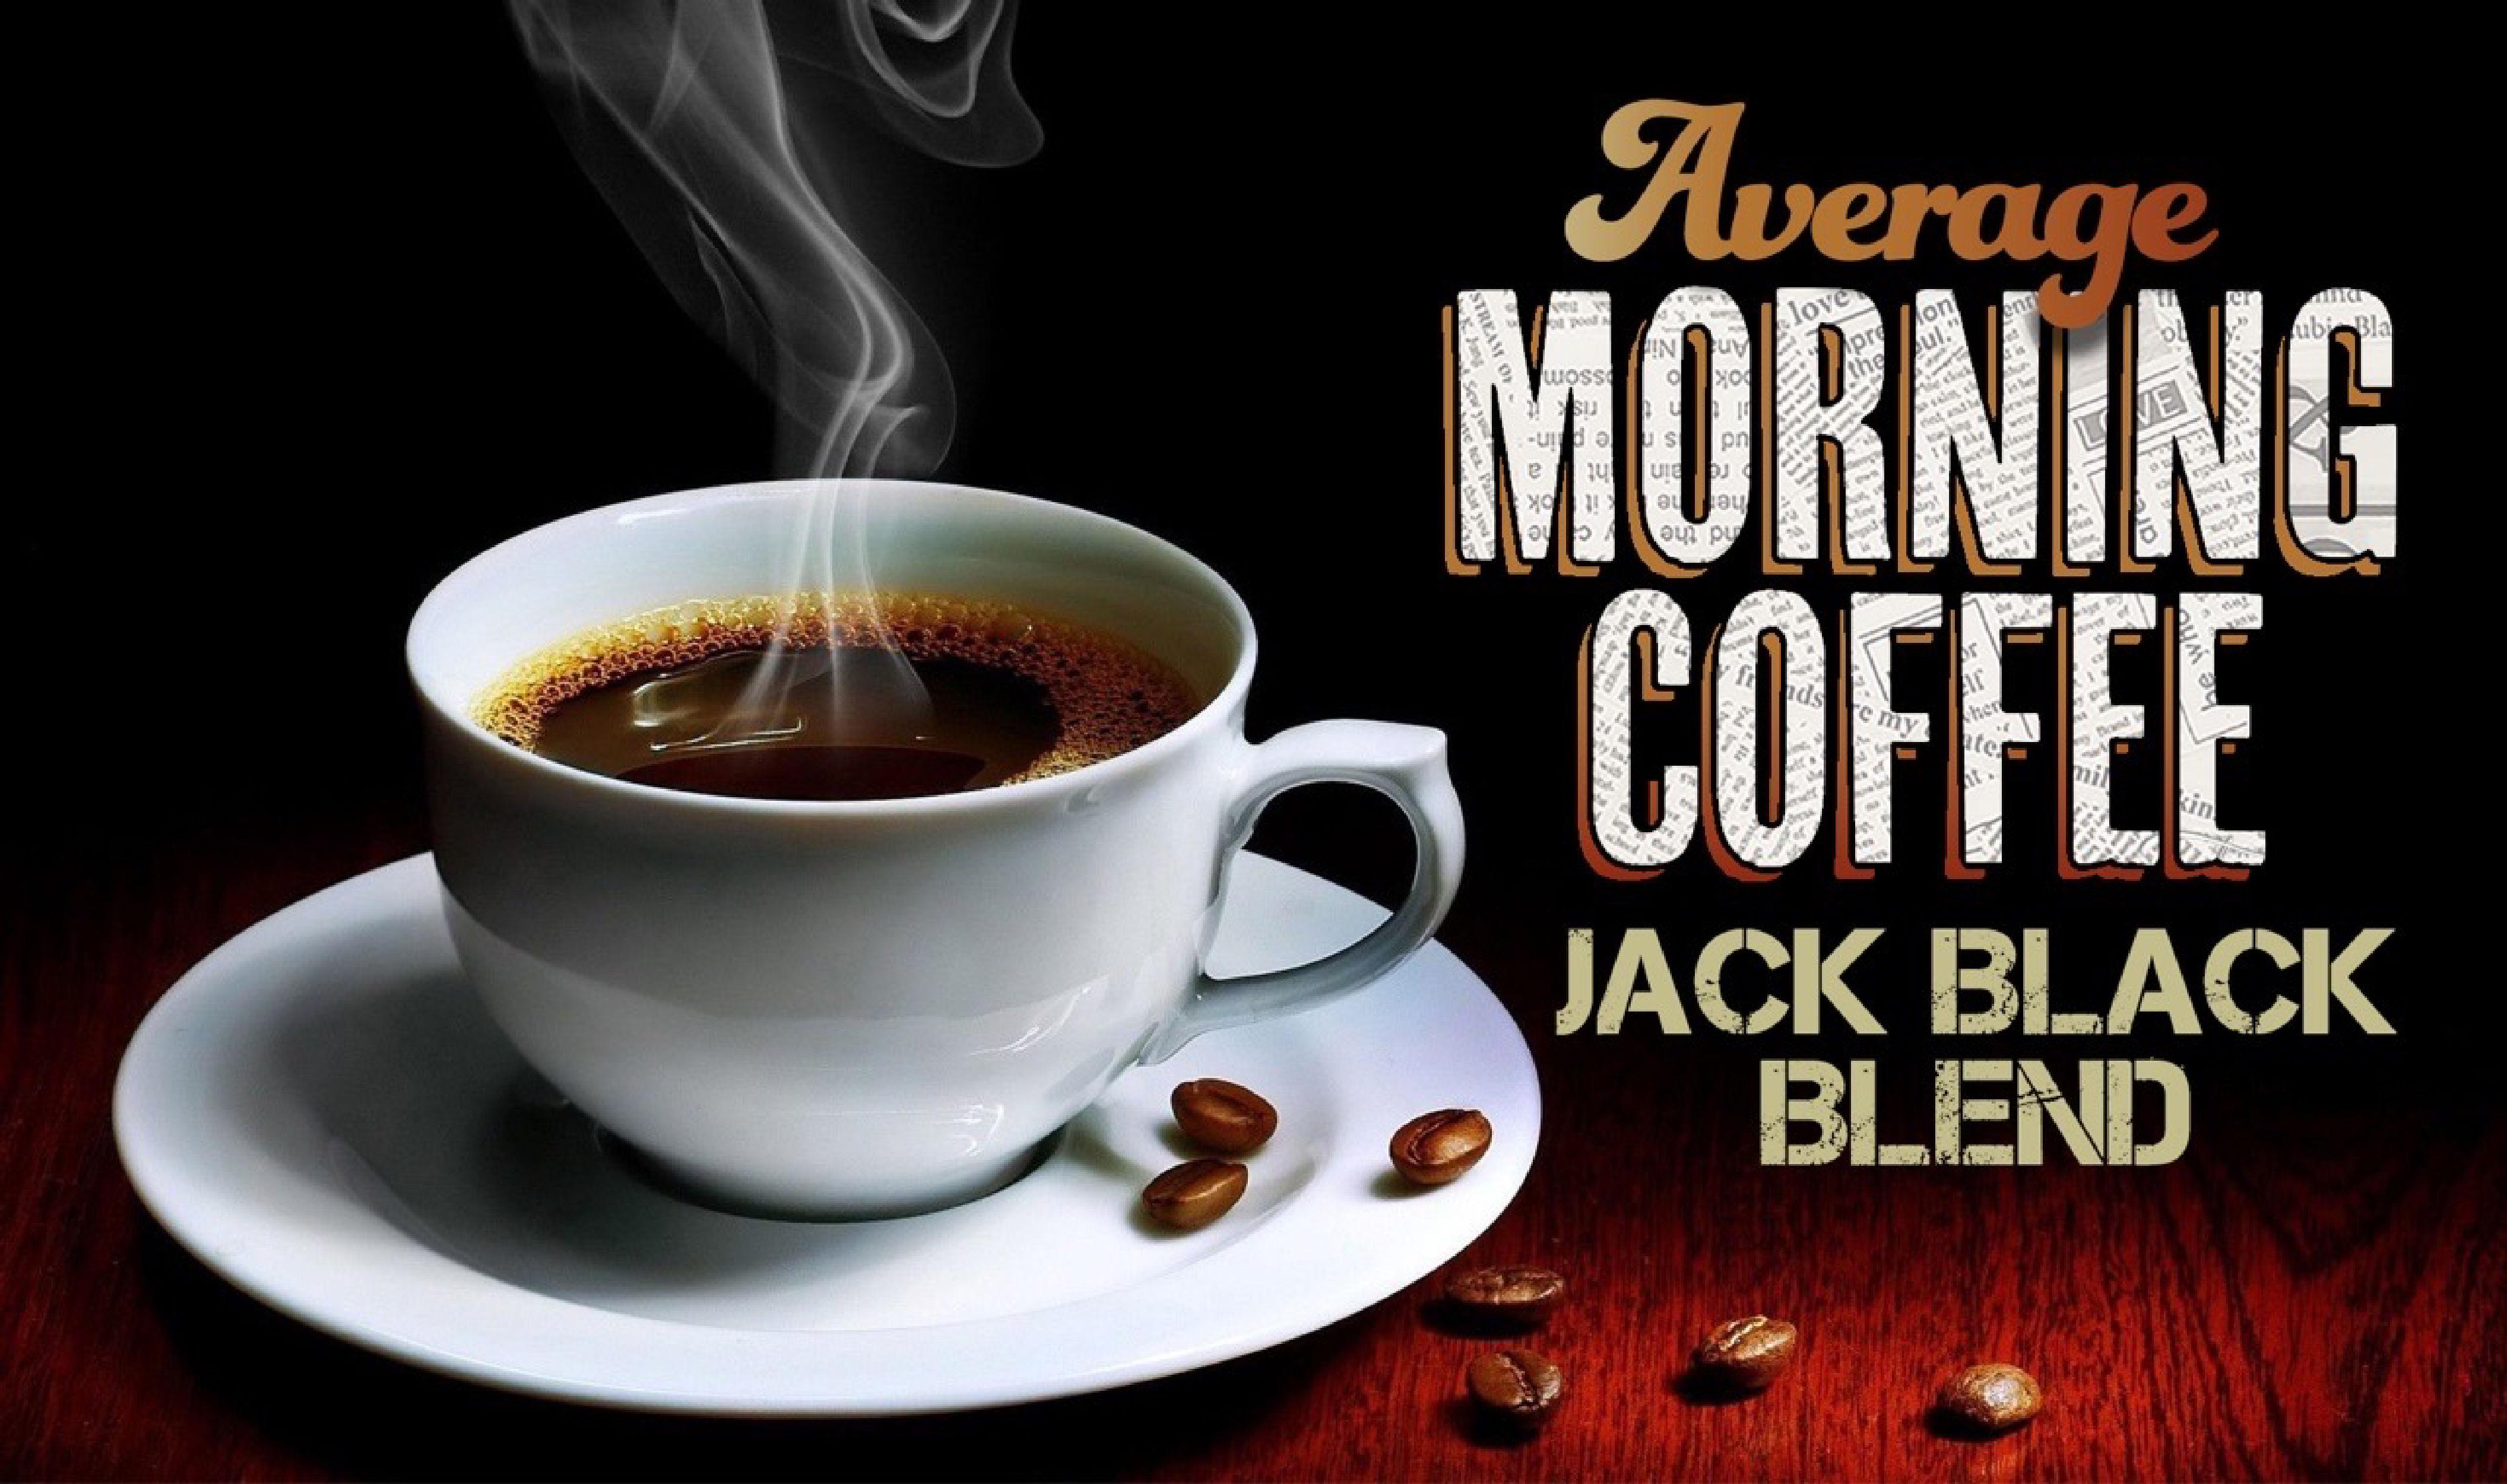 Jack Black Blend